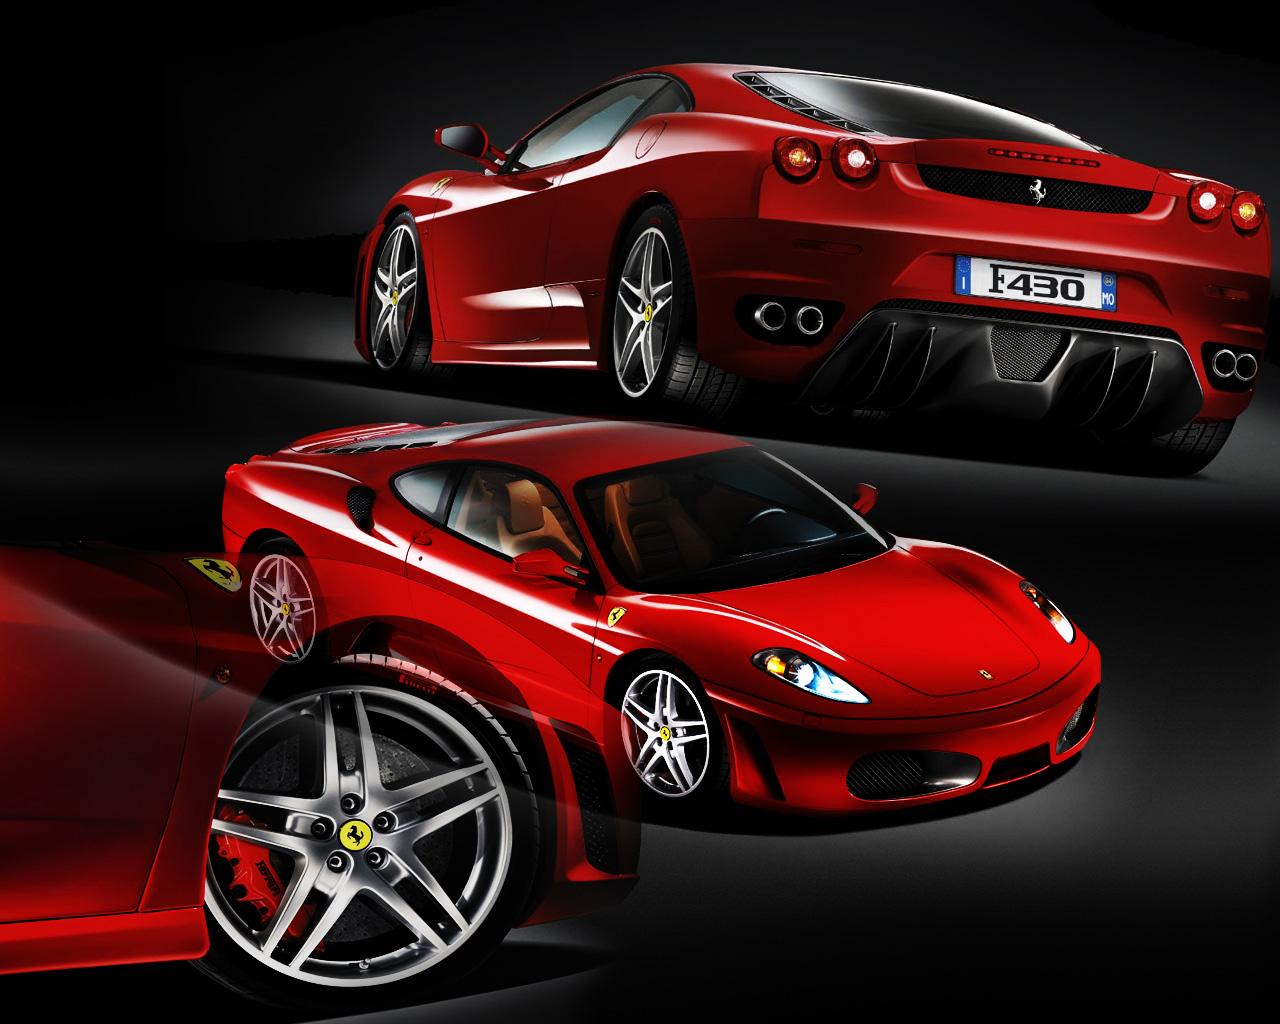 Ferrari F430 Wallpaper Kmph